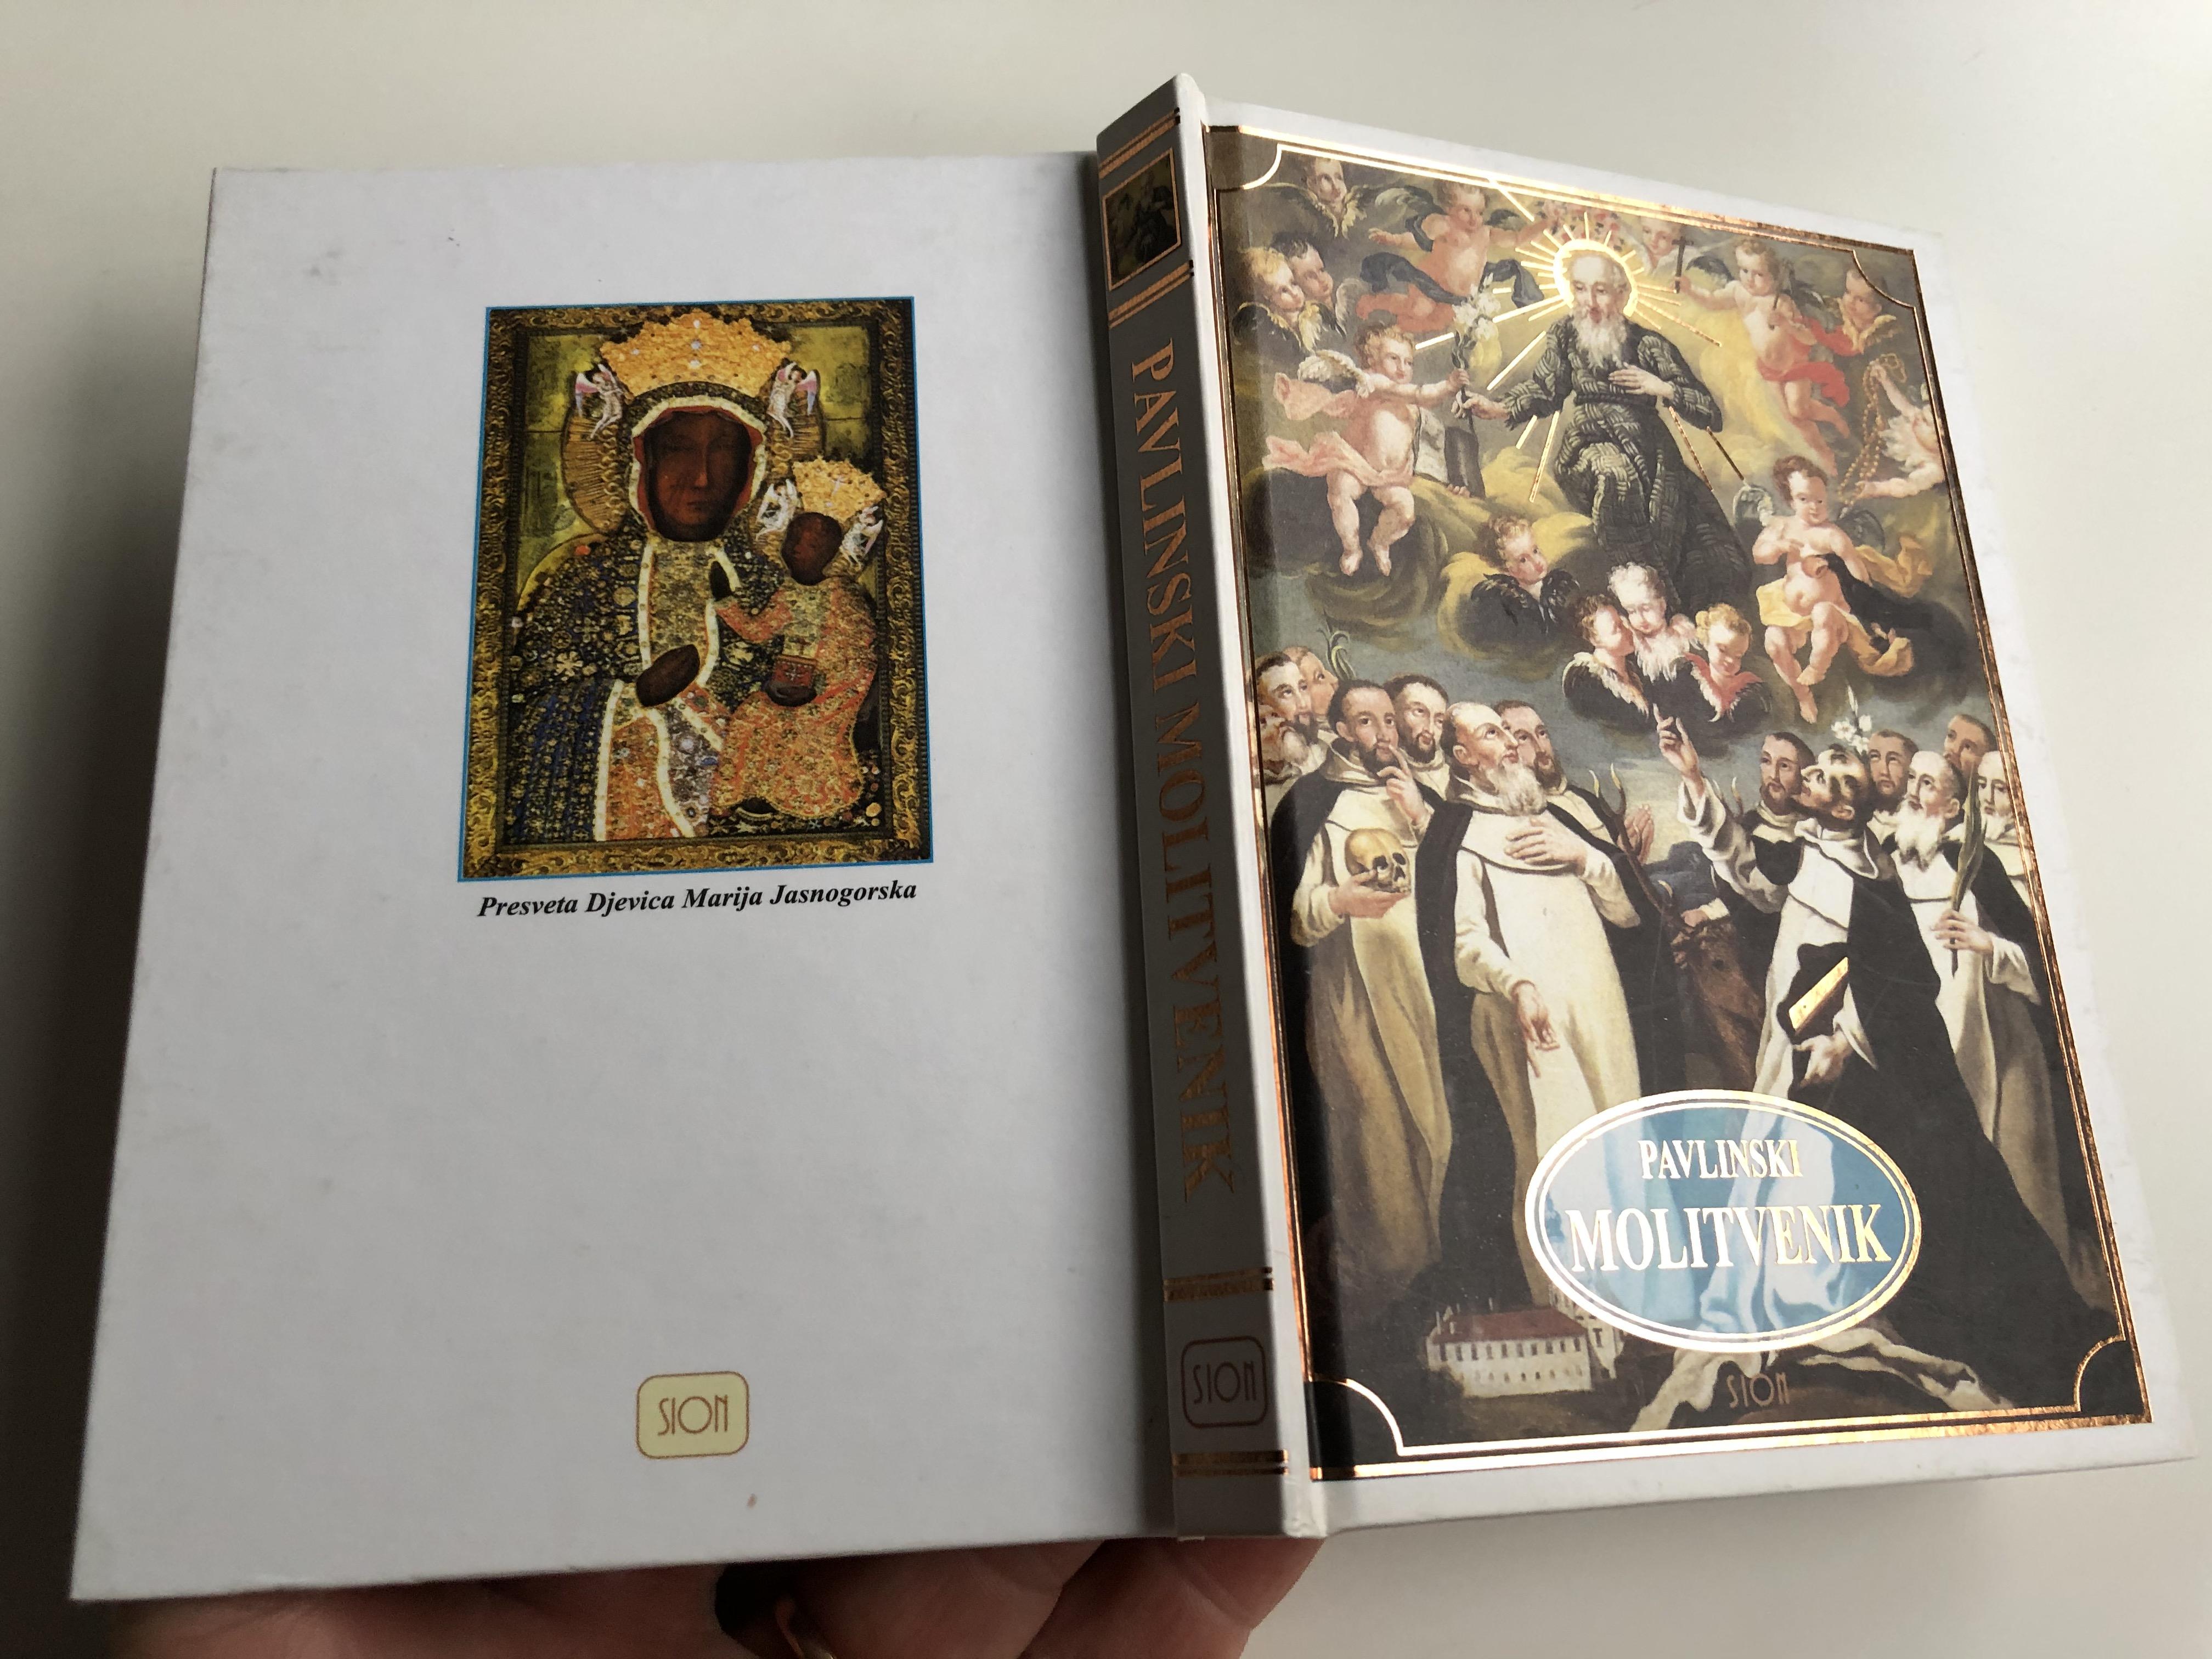 pavlinski-molitvenik-by-o.-marko-kornelije-glogovi-croatian-language-pauline-prayerbook-14.jpg